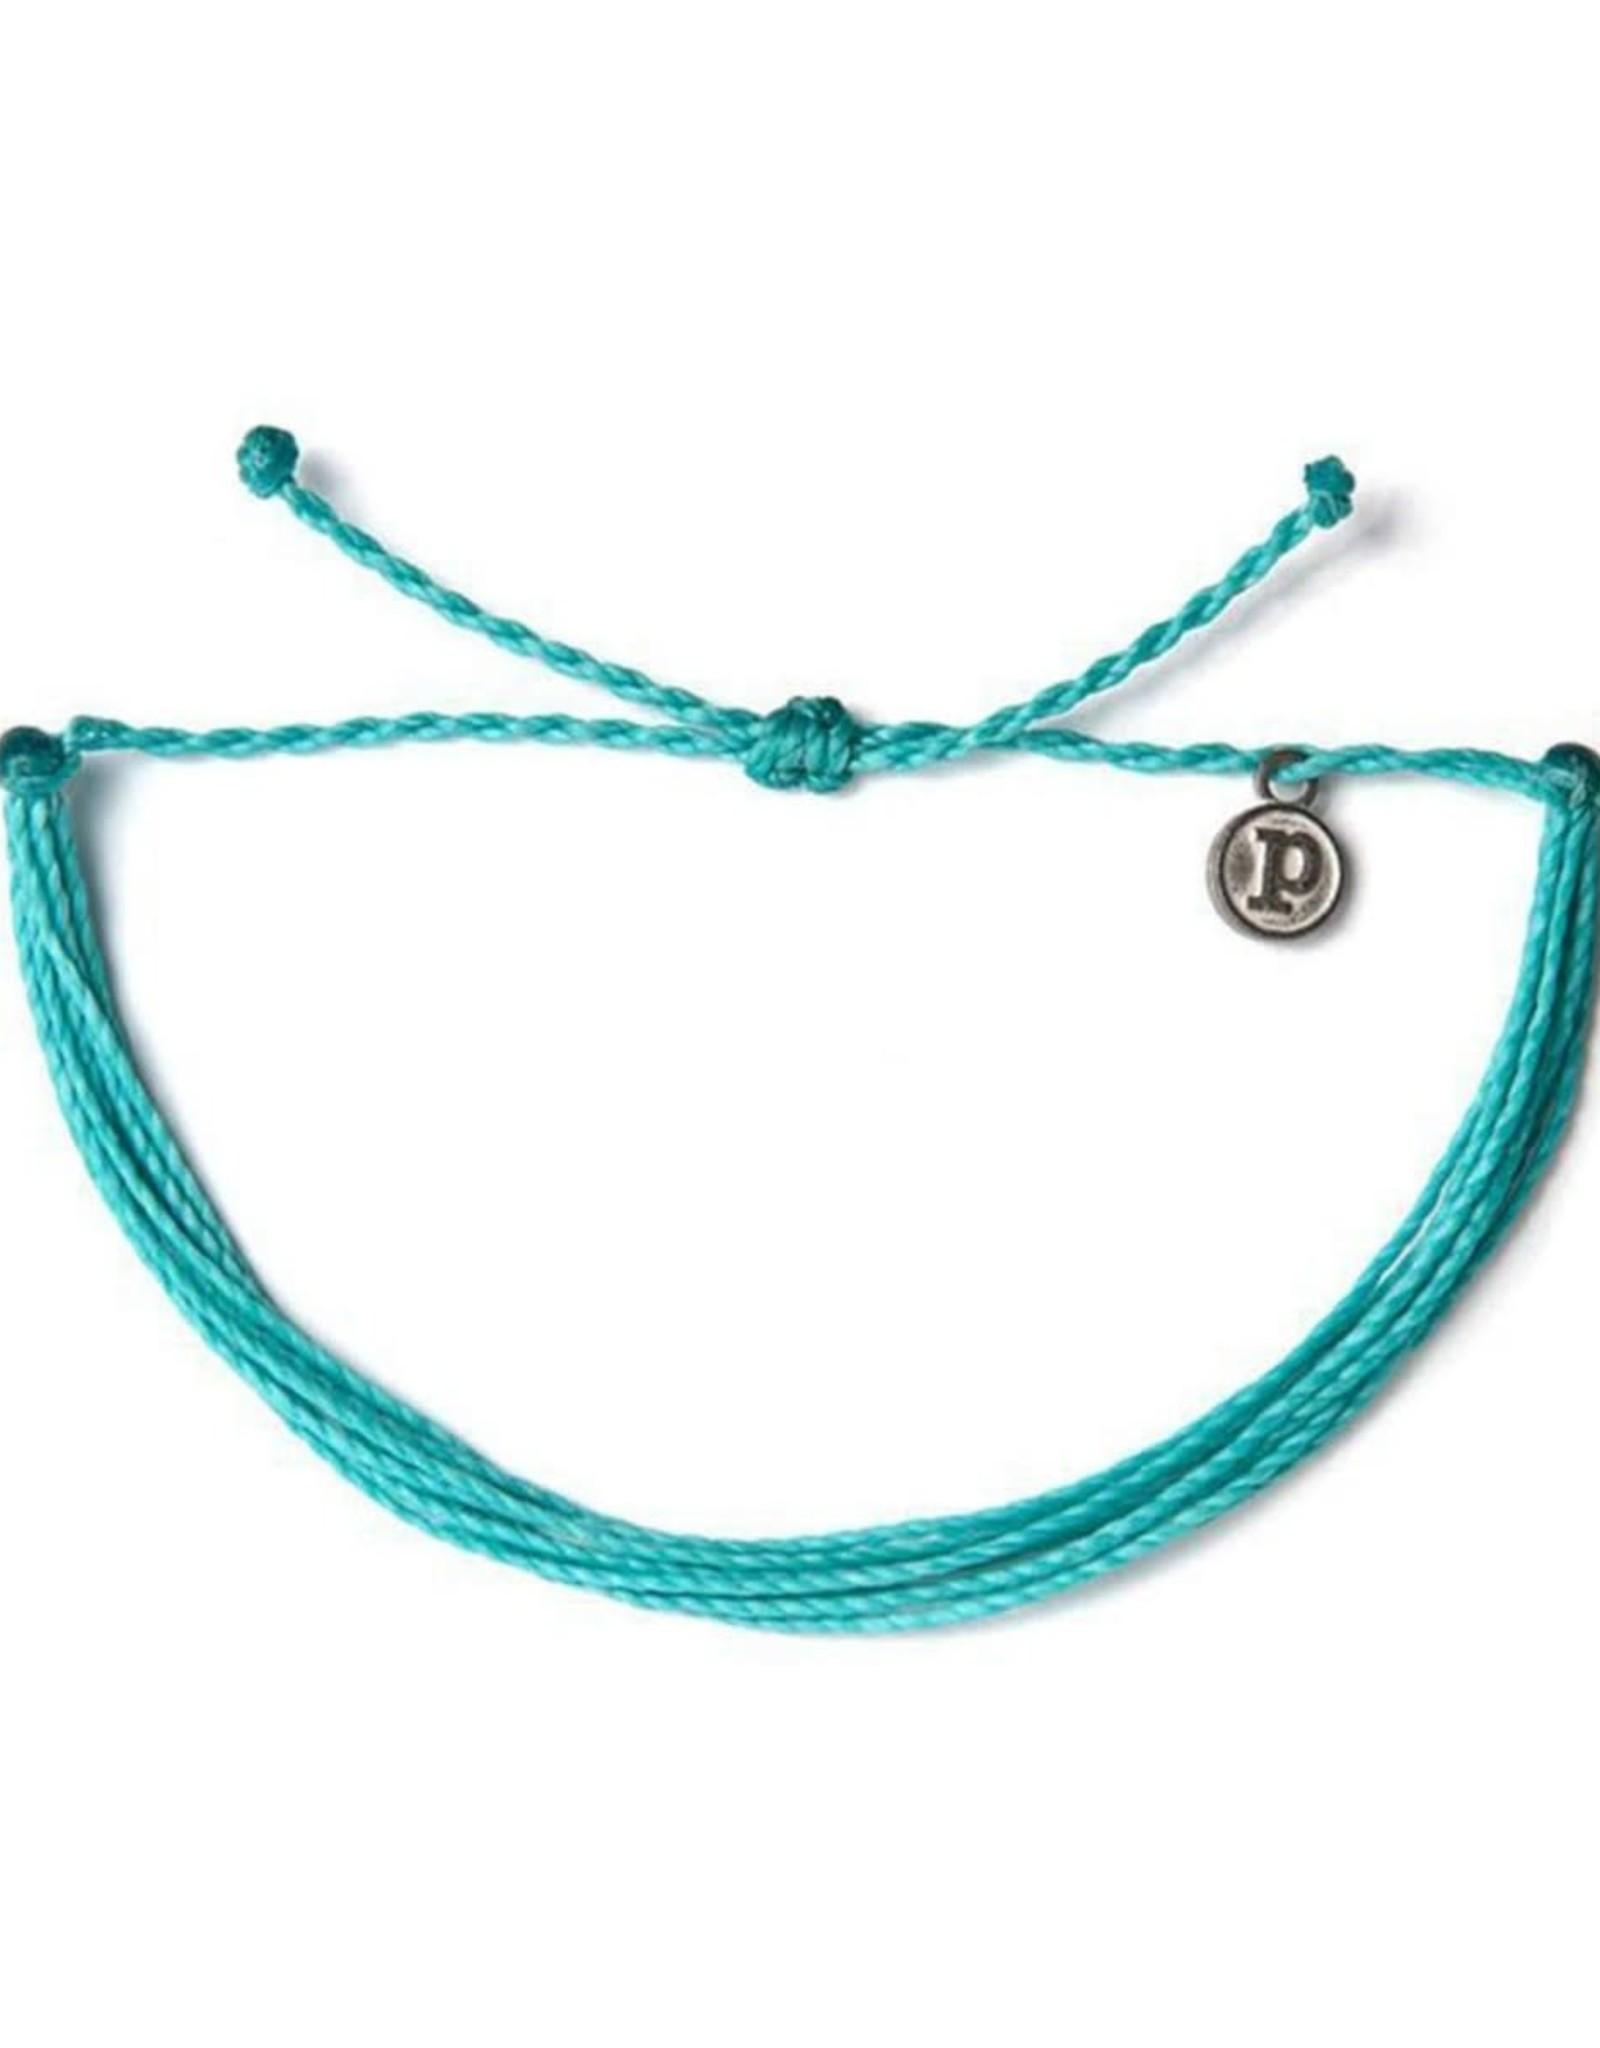 ORIGINAL Bracelet SEAFOAM BLUE